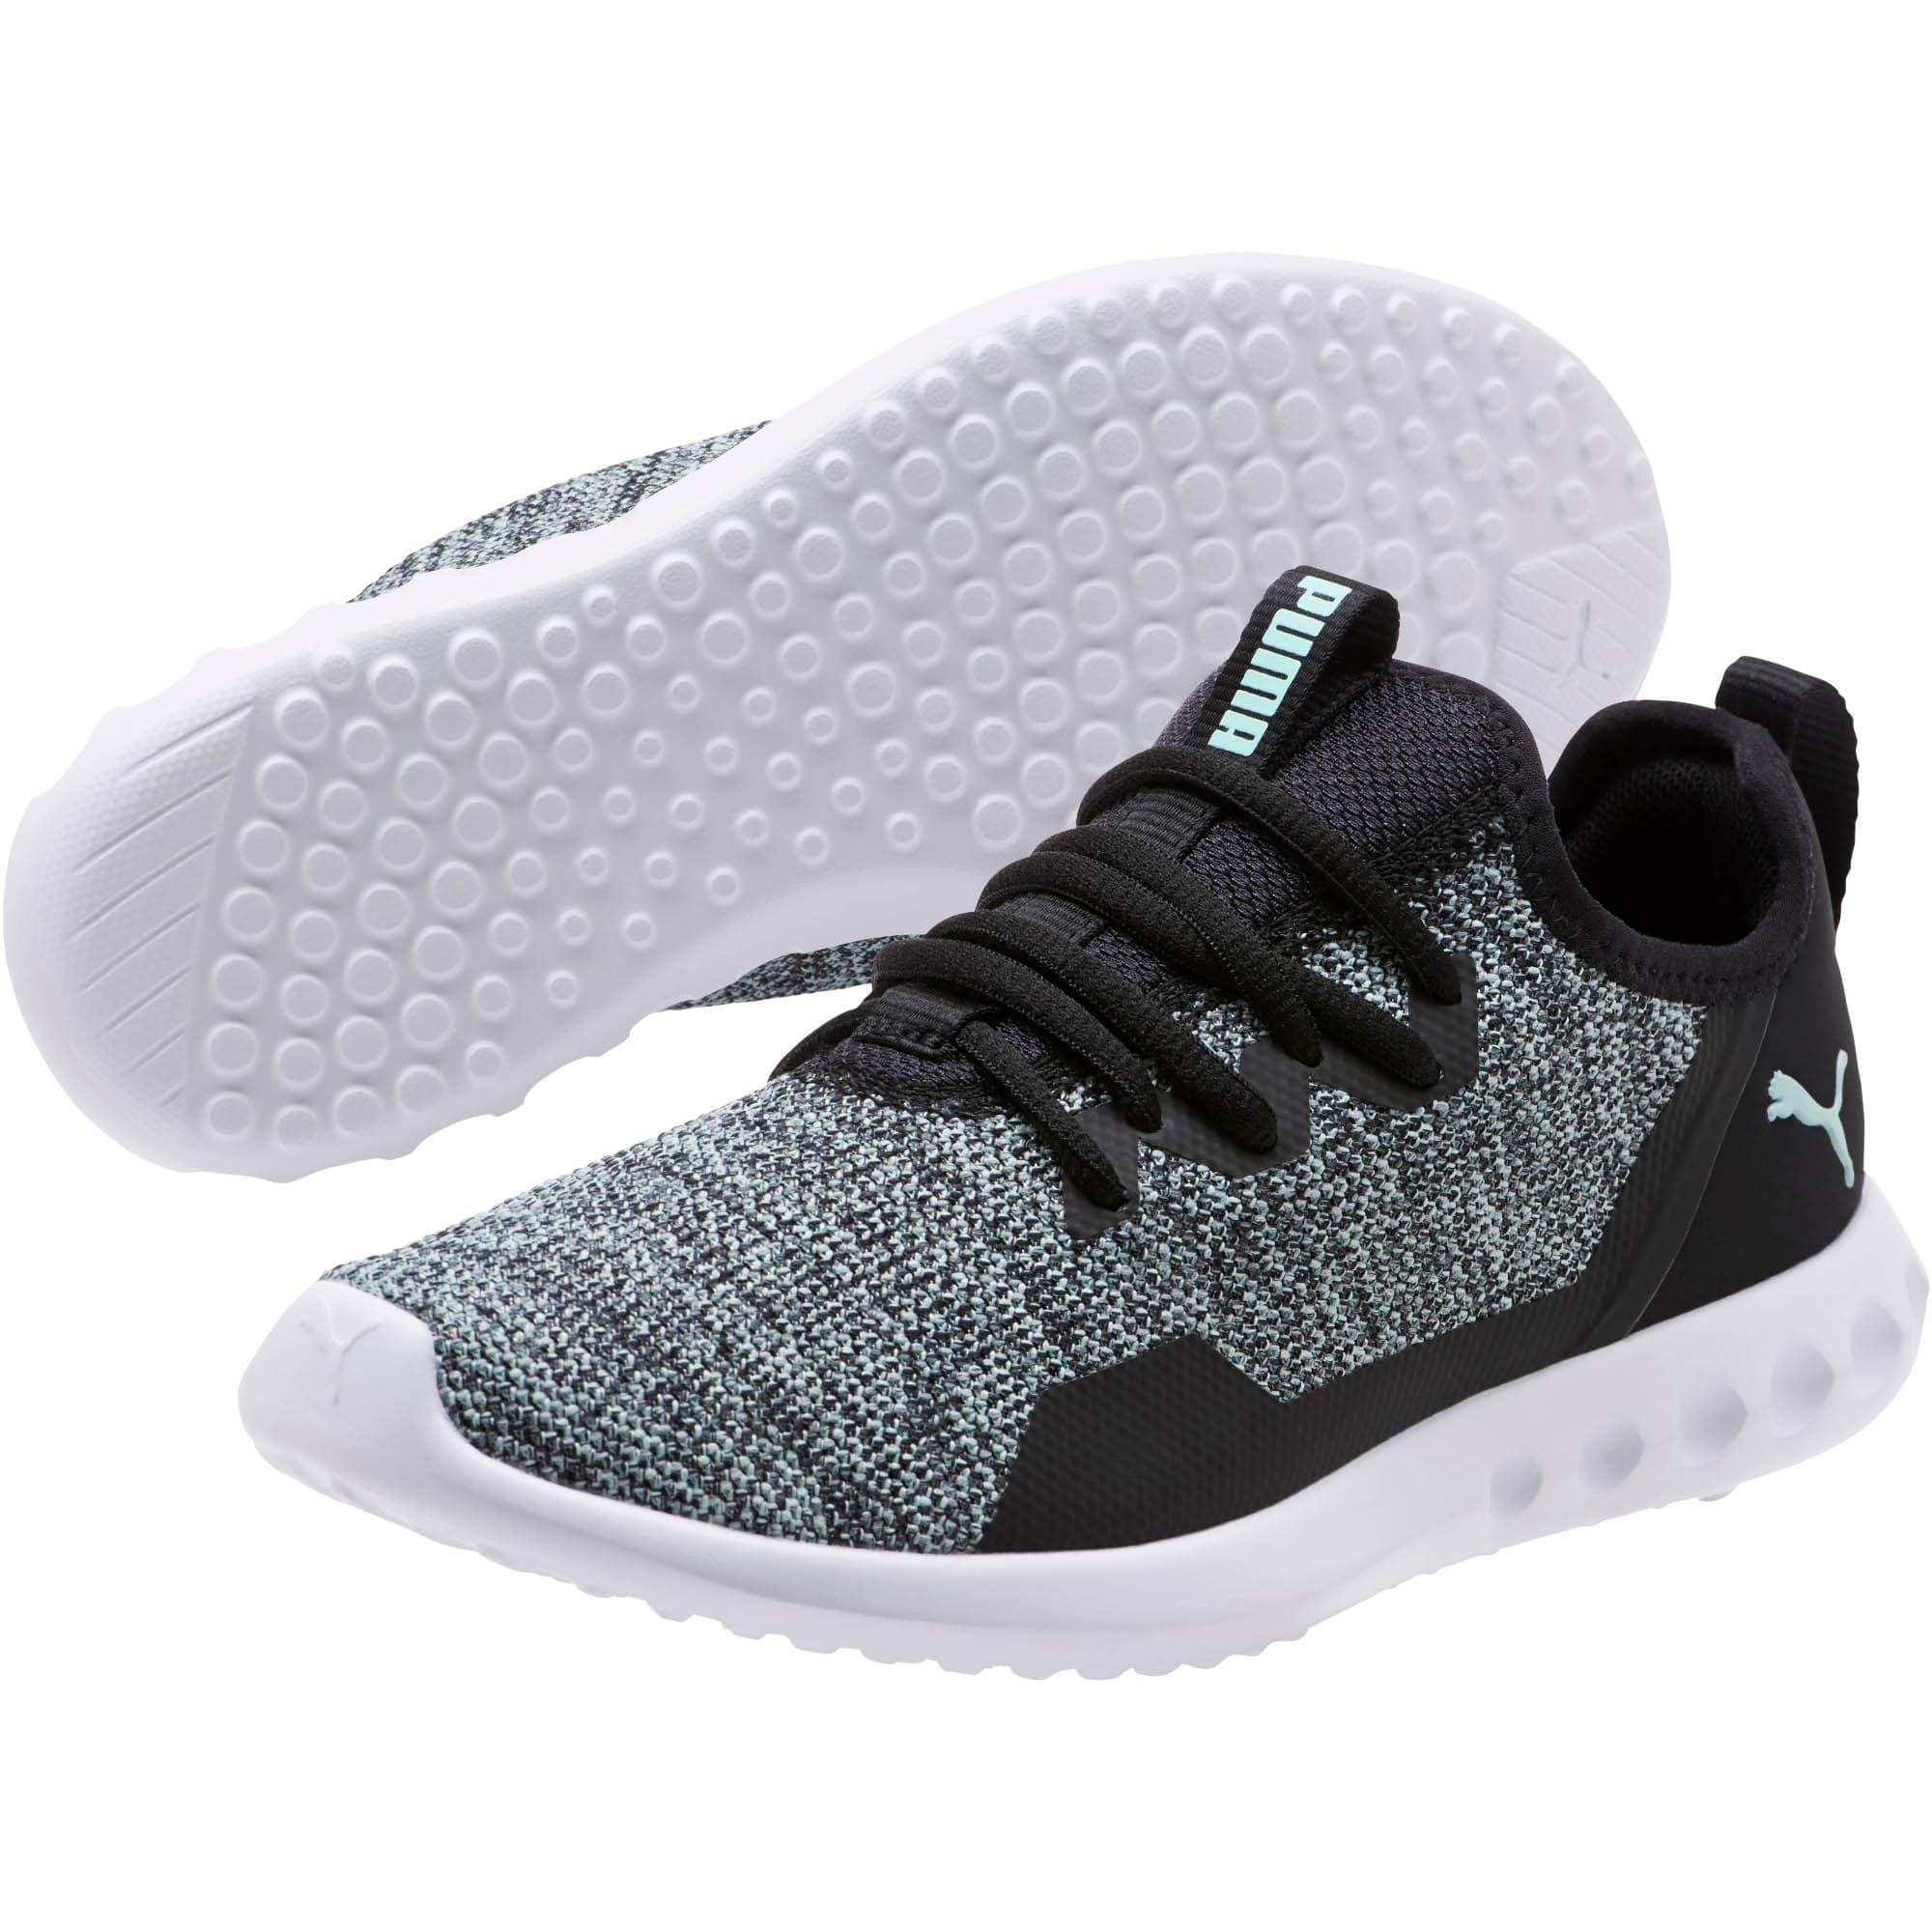 Thumbnail 2 of Carson 2 X Knit Women's Running Shoes, Puma Black-Fair Aqua, medium